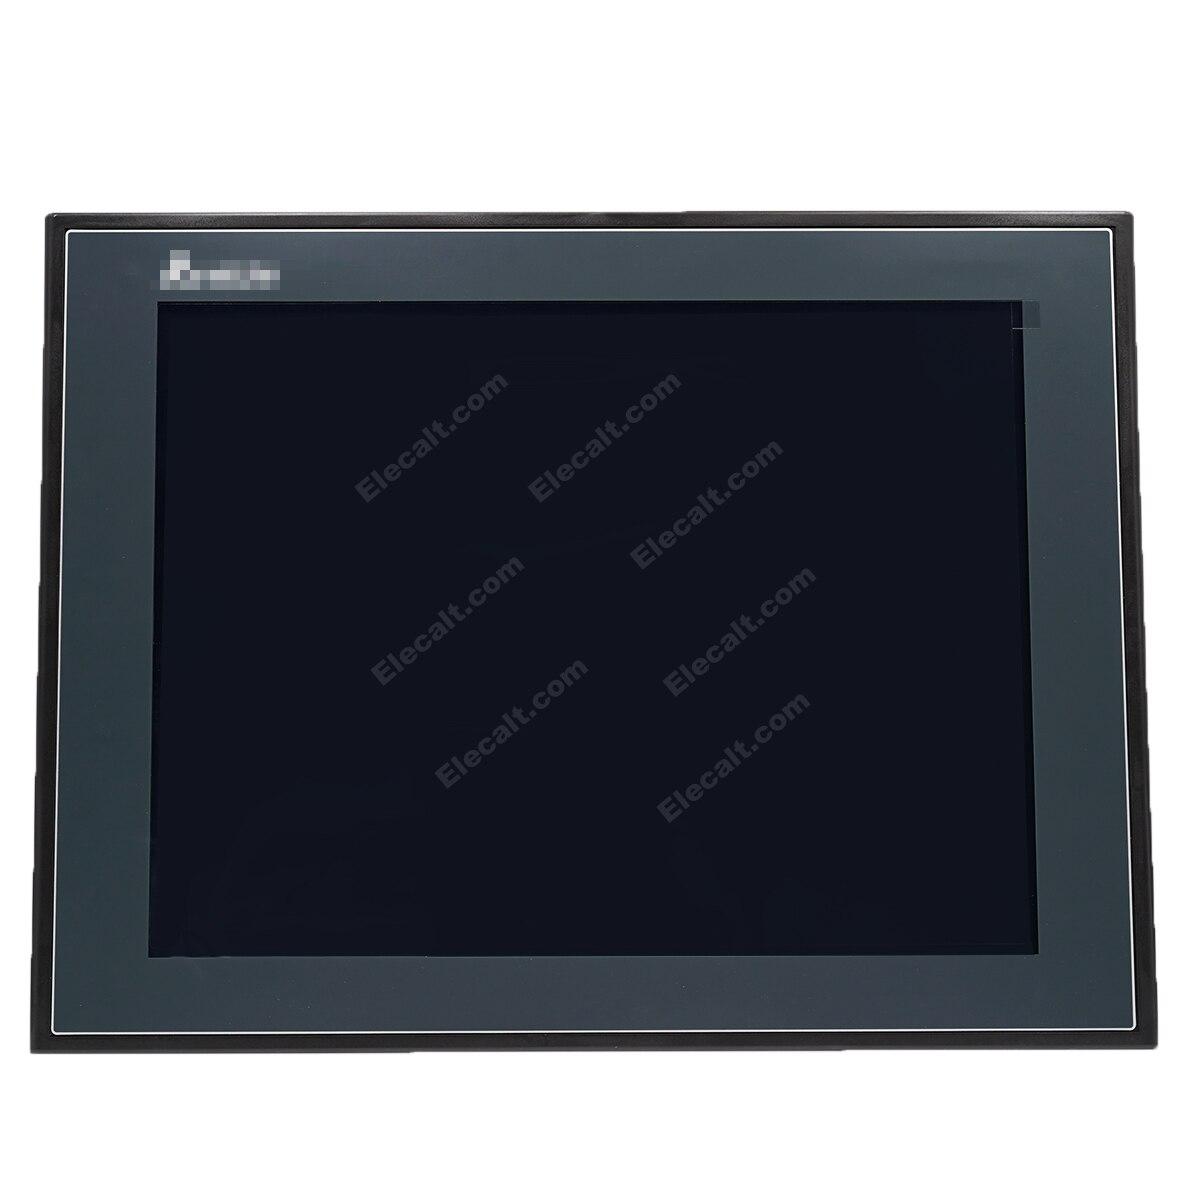 جديدة ومبتكرة DOP-115WX LCD شاشة تعمل باللمس HMI ل دلتا 15 ''TFT LCD